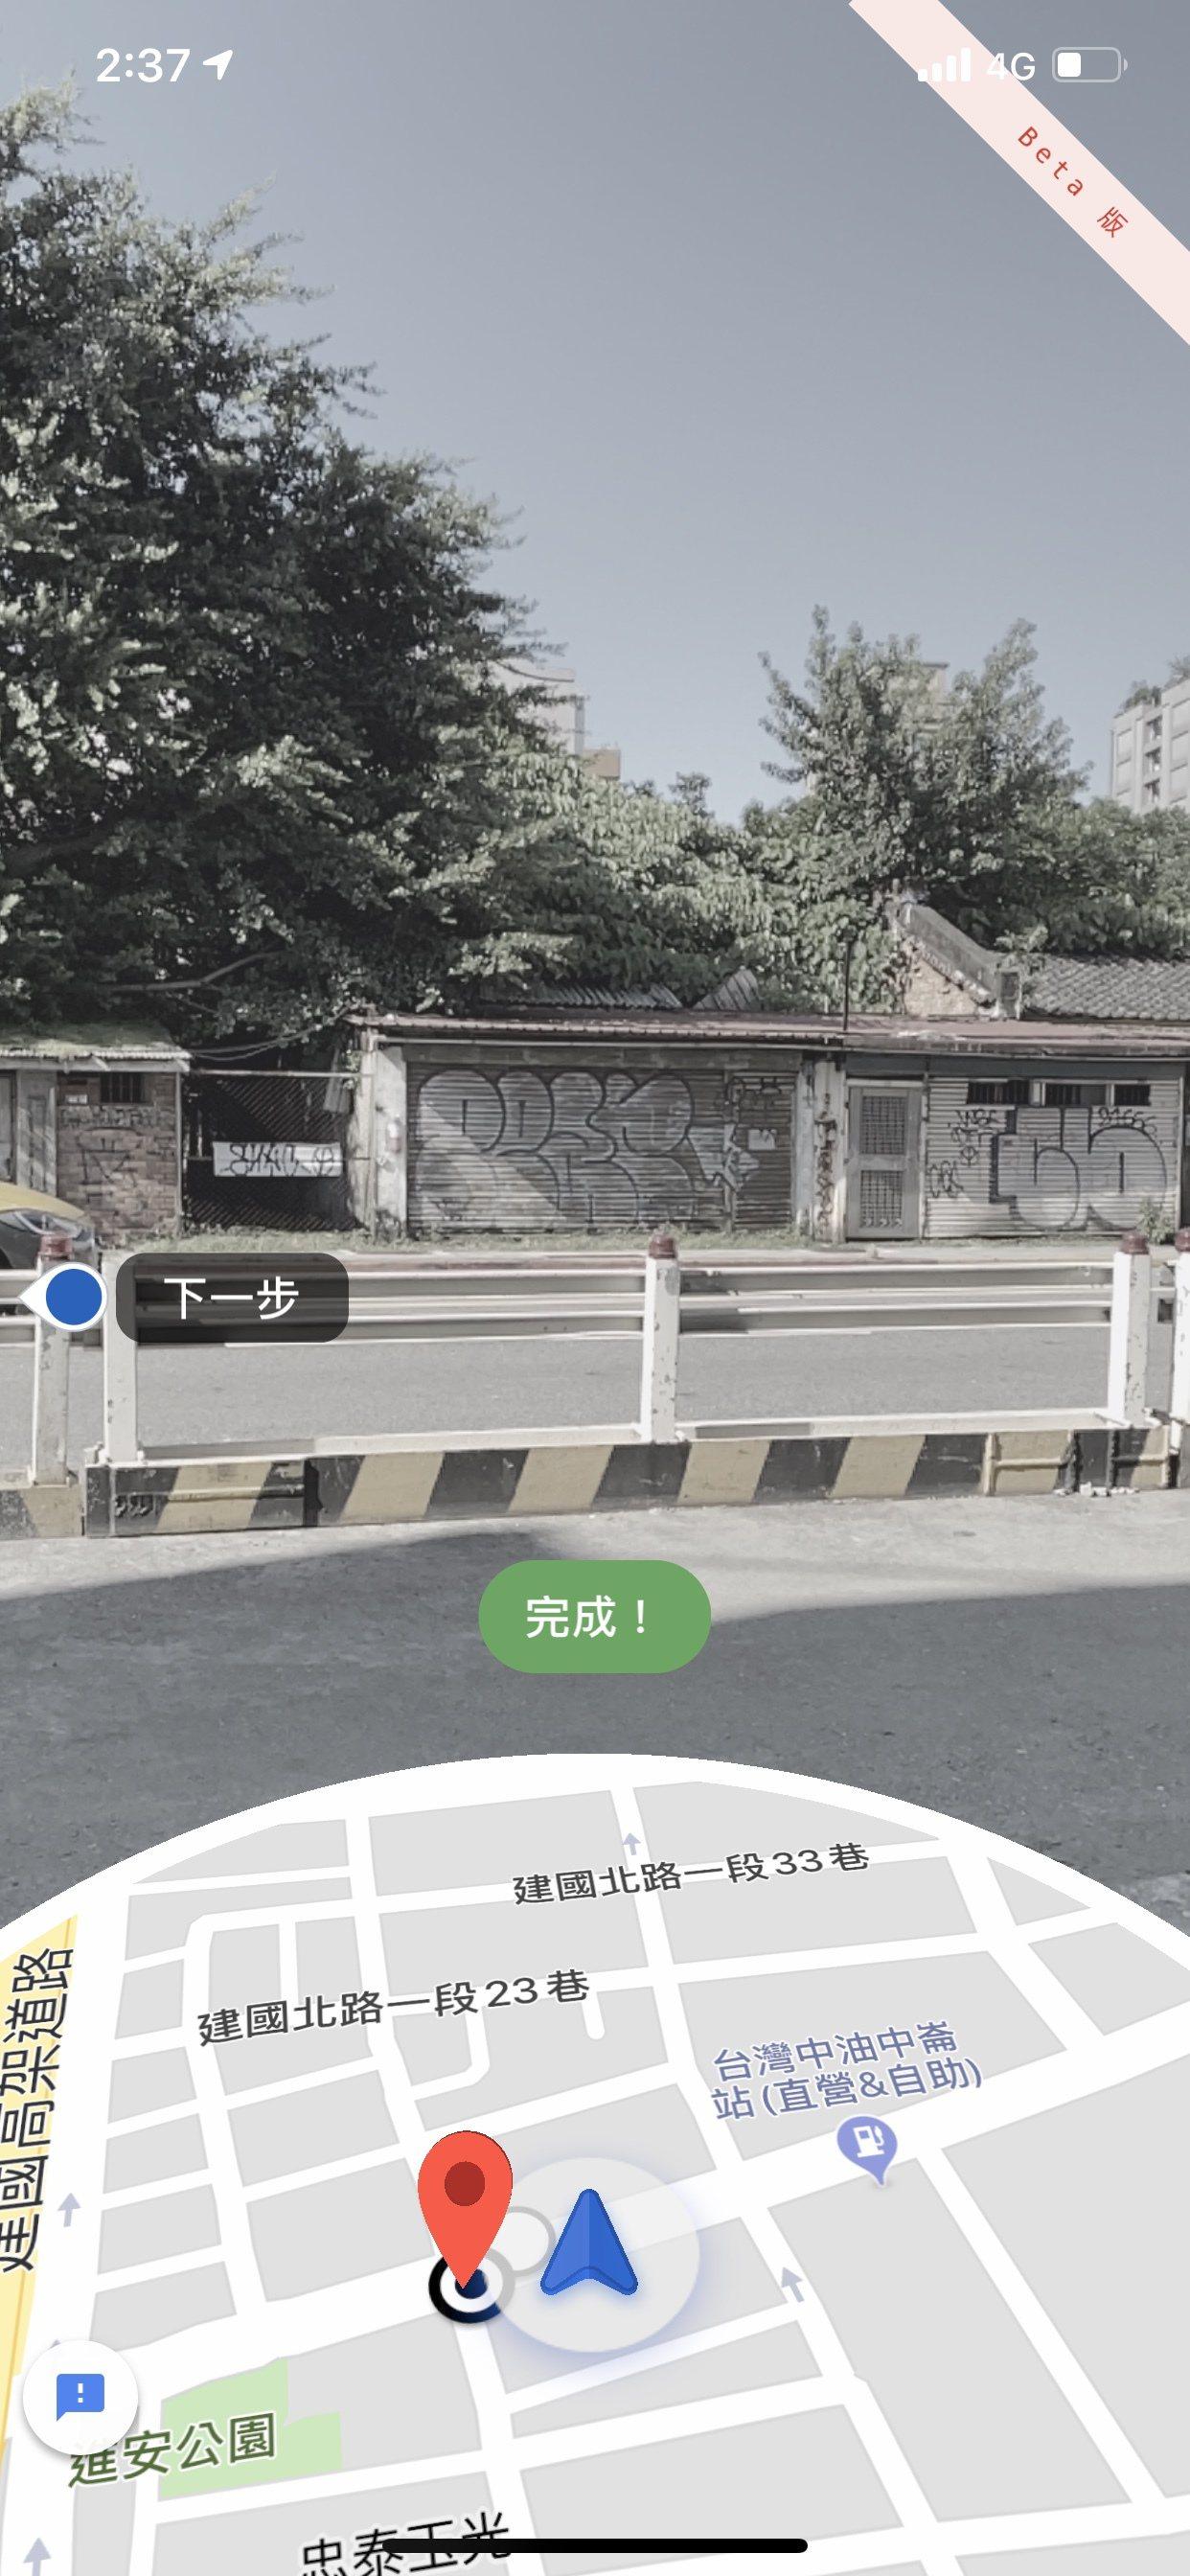 導航時先將相機對準眼前的建築物和路標左右進行掃描,待螢幕上地圖與實景比對完成,就...